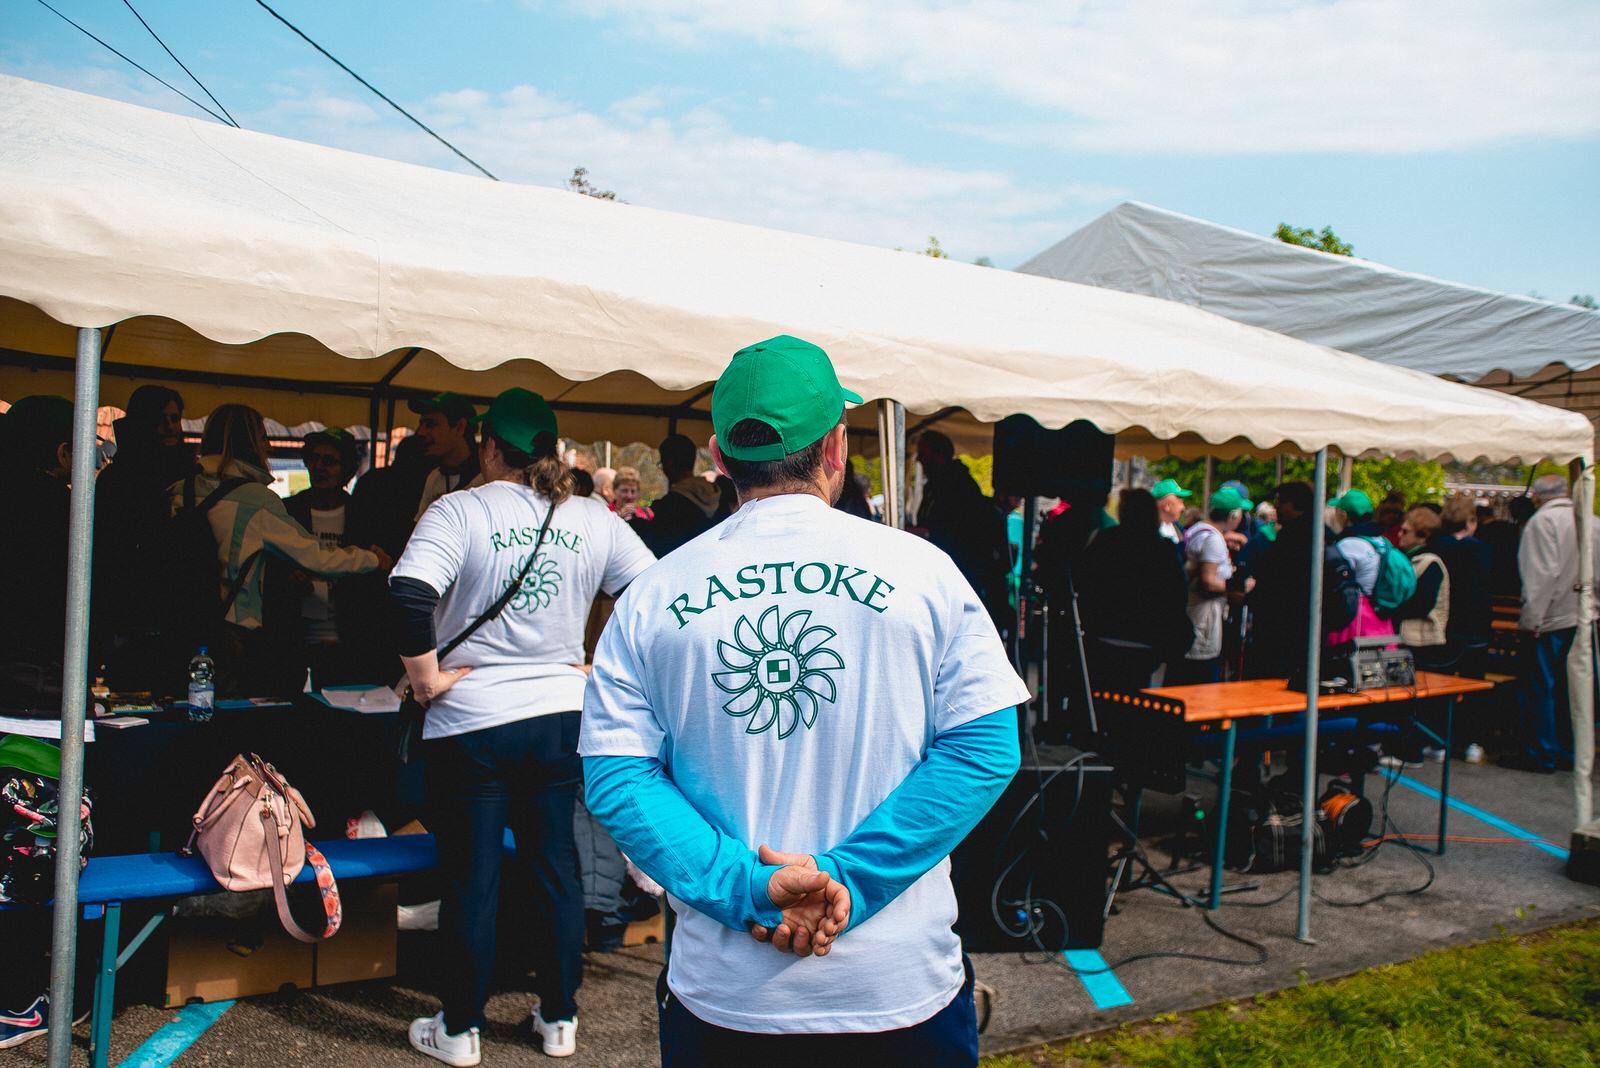 likaclub_slunj_rastoke_5-festival-nordijskog-hodanja_2019-24